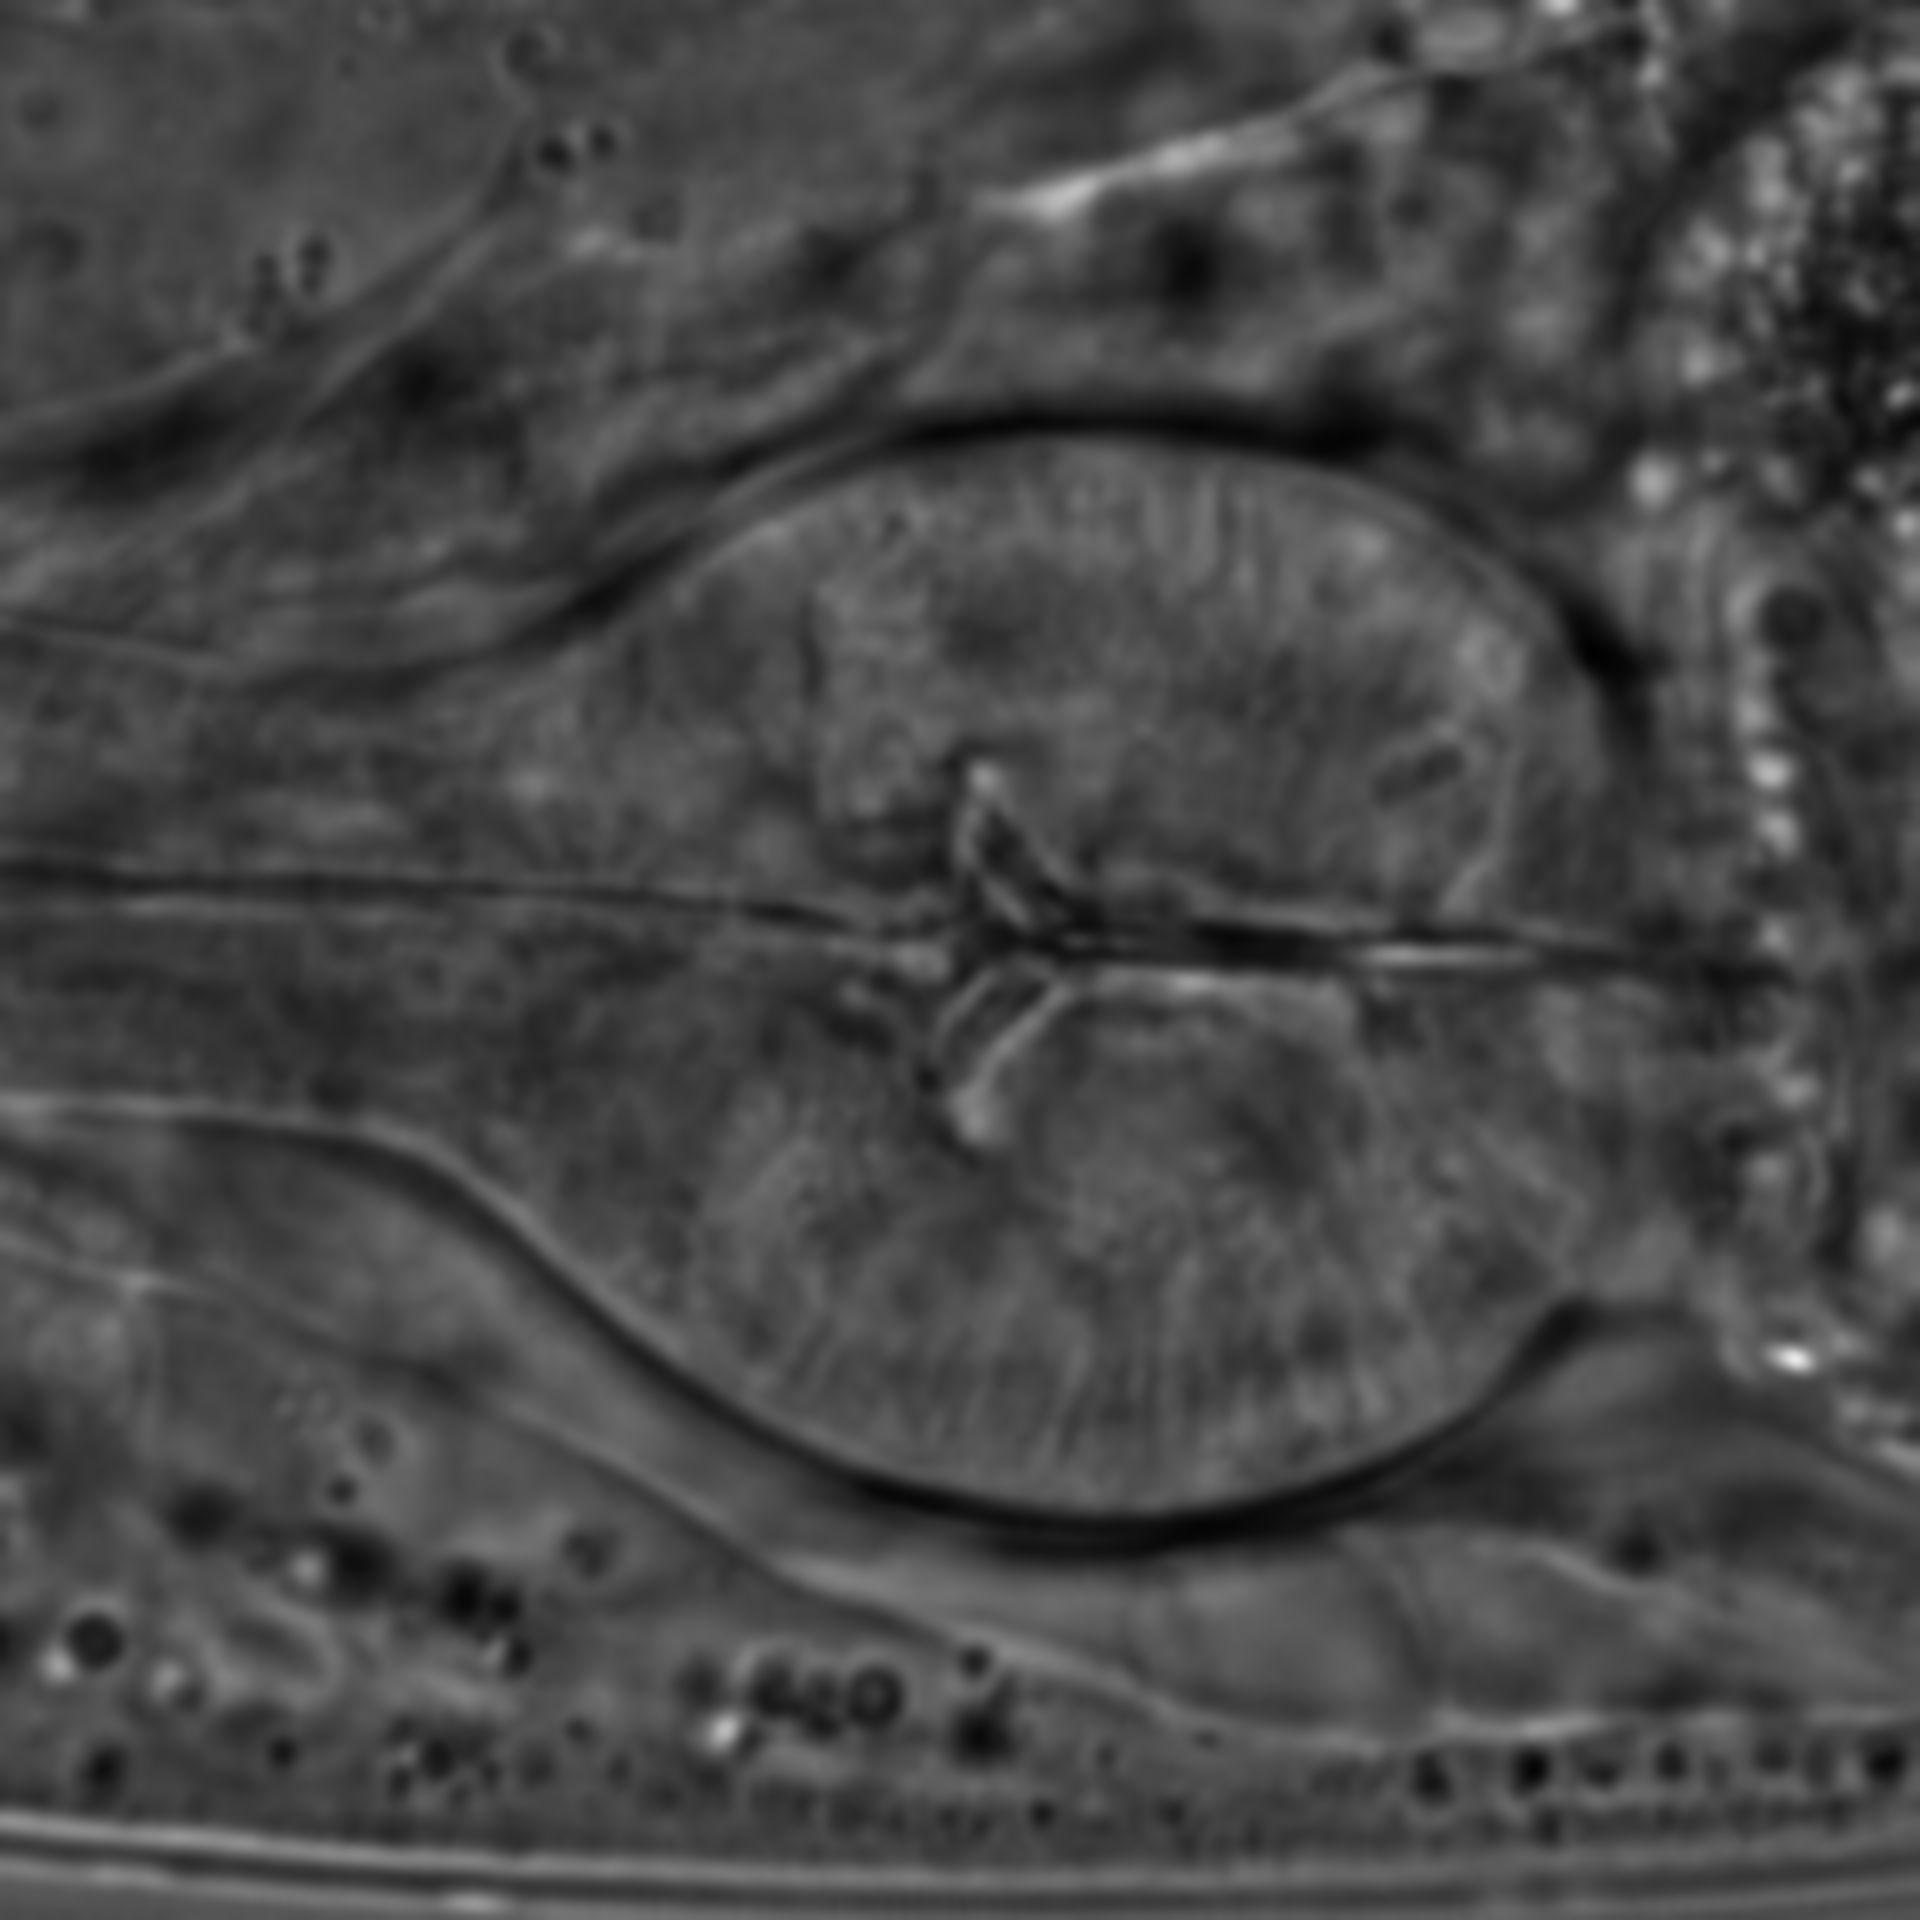 Caenorhabditis elegans - CIL:1589